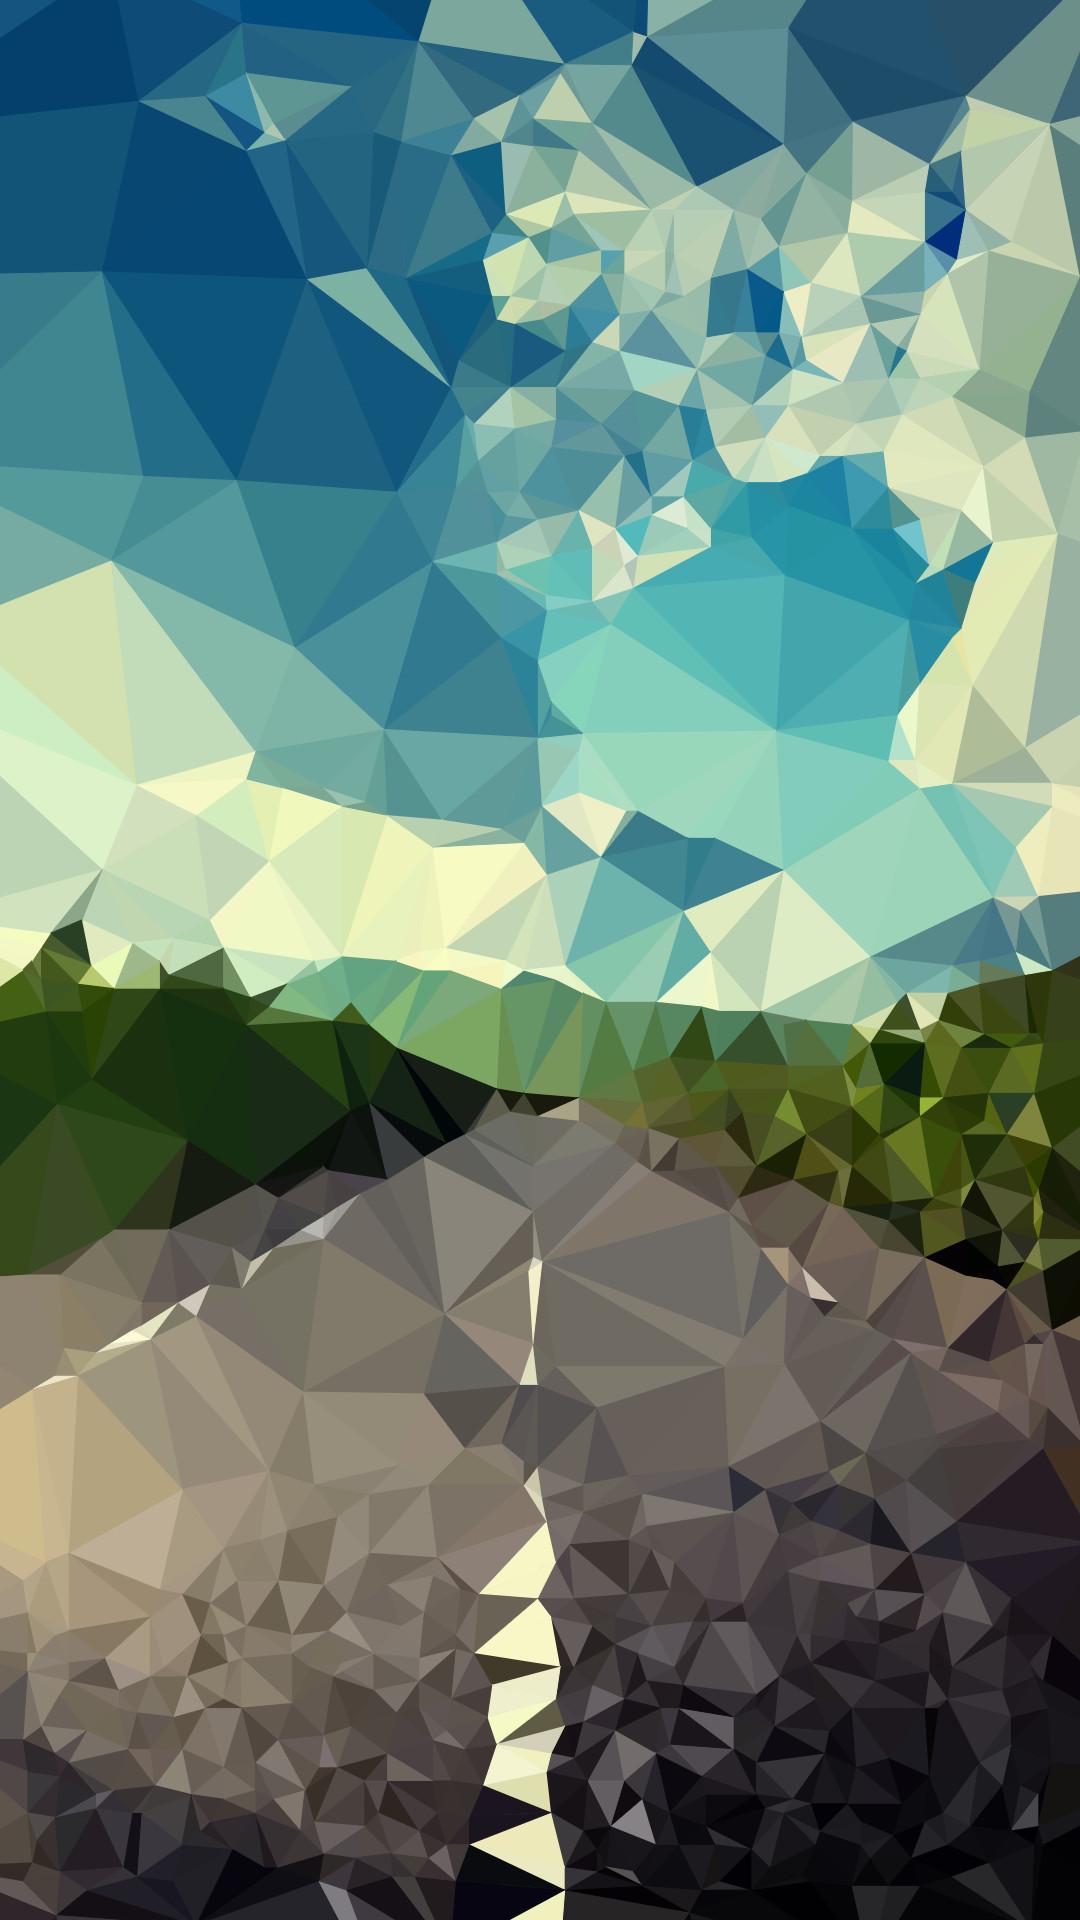 Res: 1080x1920, Polygonal landscape